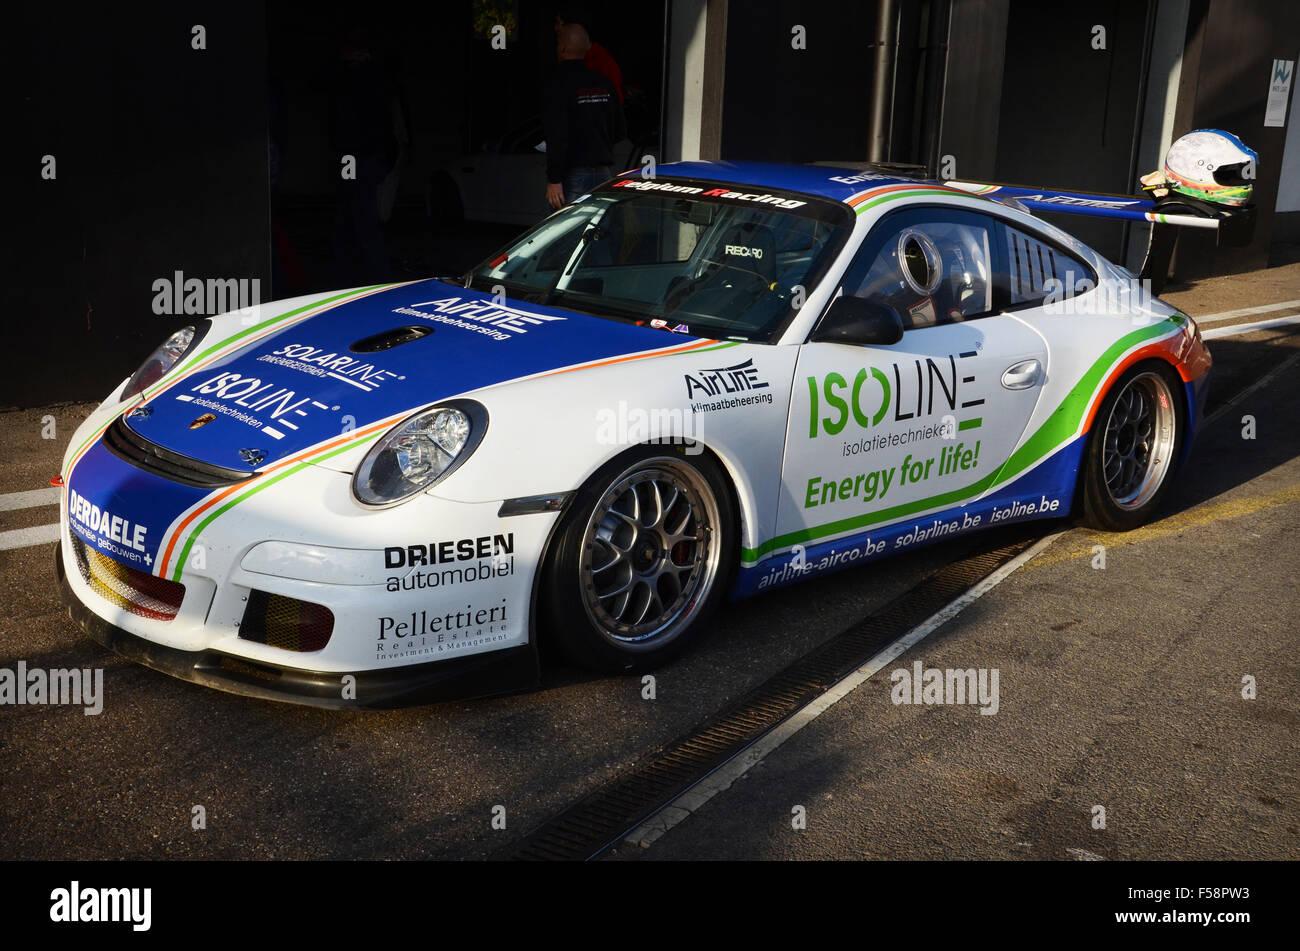 Circuito Zolder Belgica : Circuit zolder rfactor release paulmarc racing